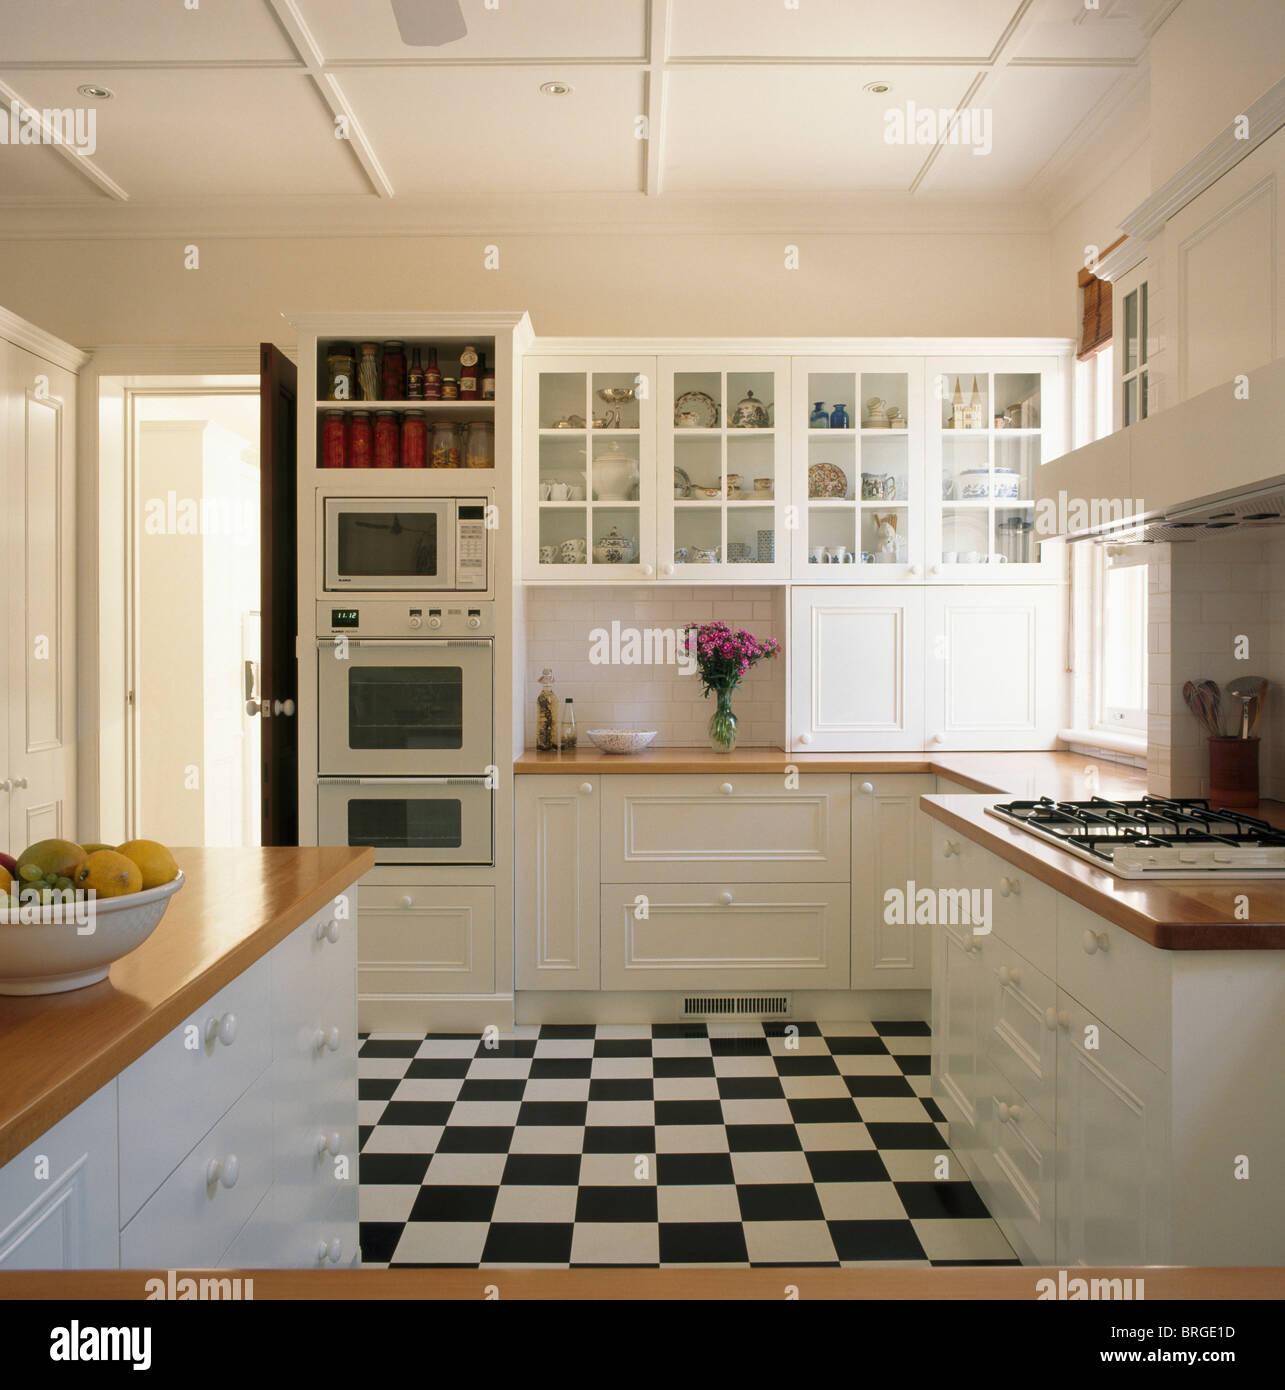 Schwarz + weiß Schachbrett Bodenbelag in weißen traditionellen Küche ...